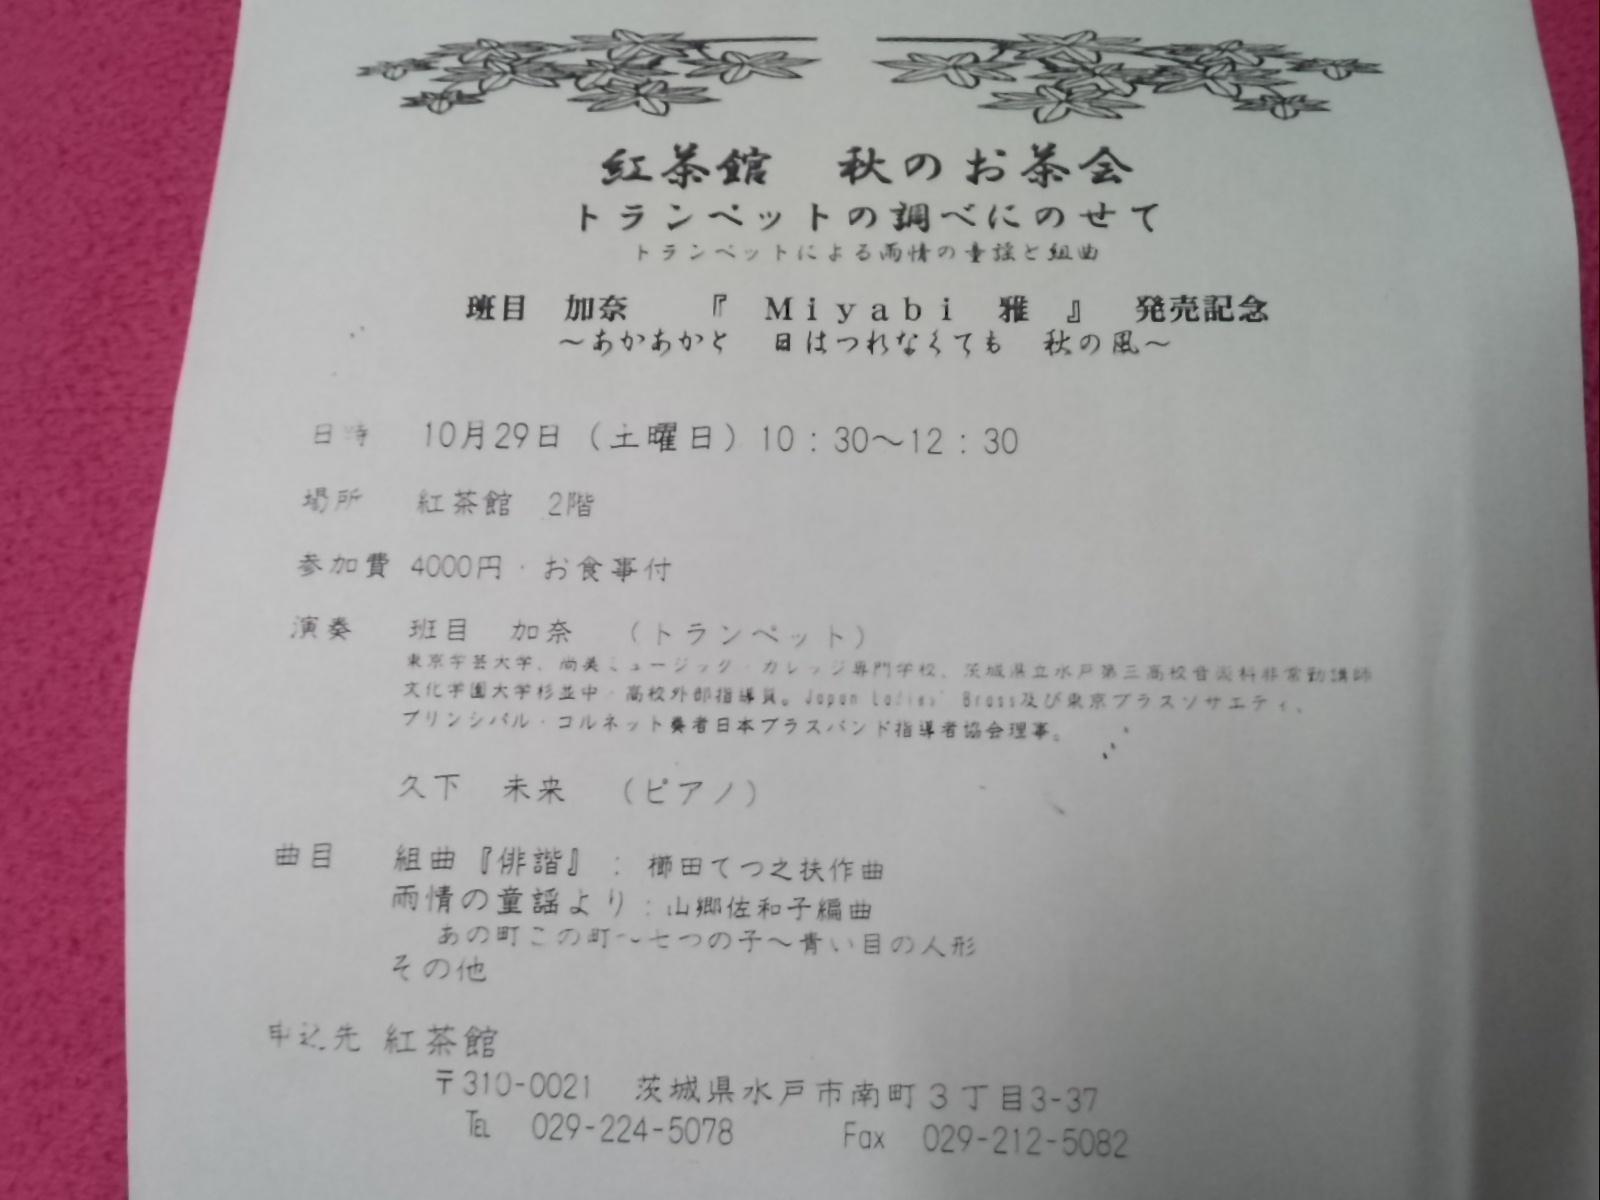 Tea salon concert in Mito